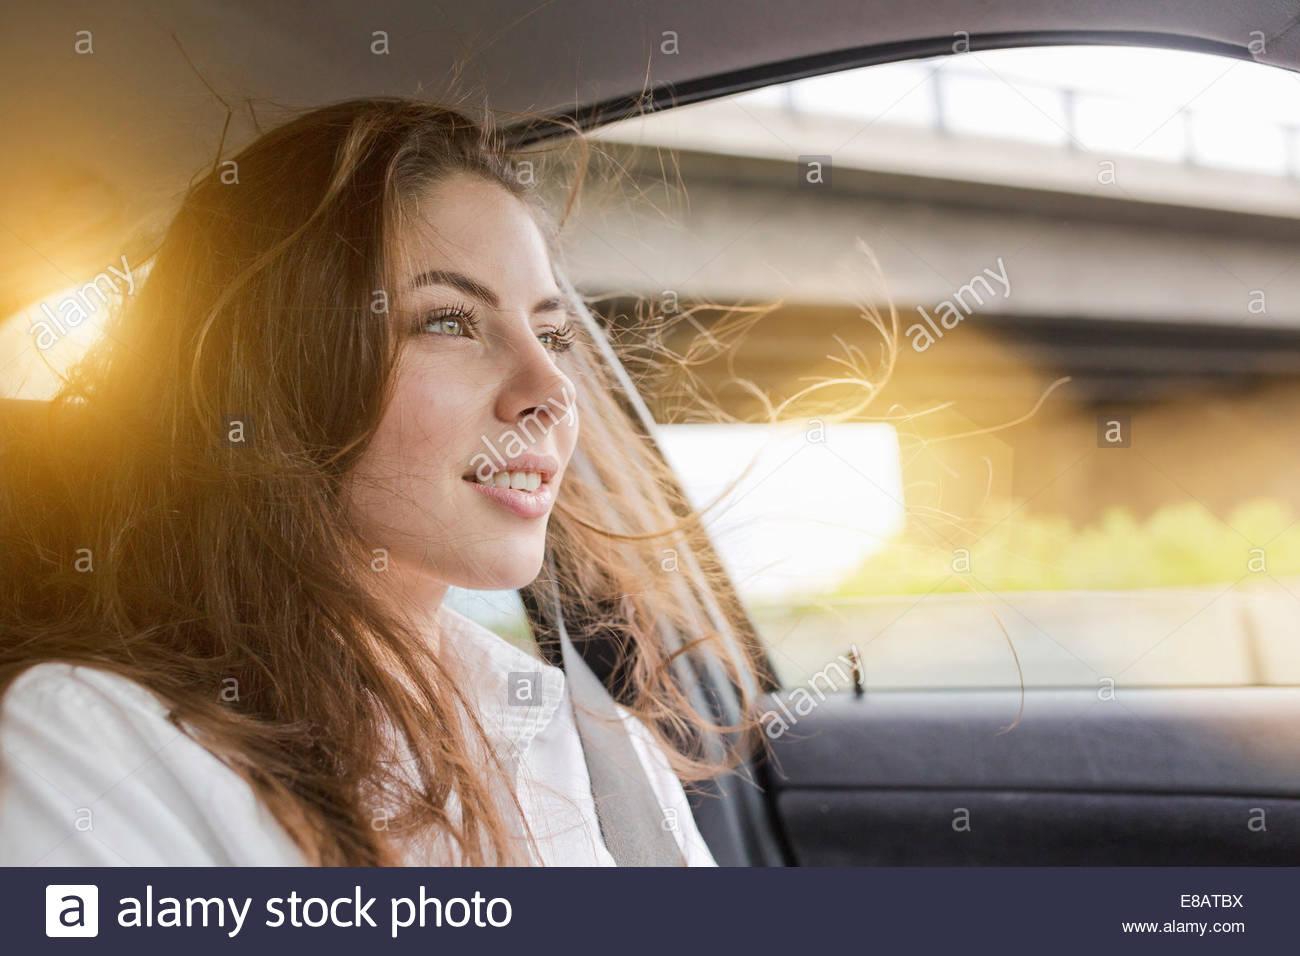 Jeune femme en voiture, les cheveux au vent Photo Stock